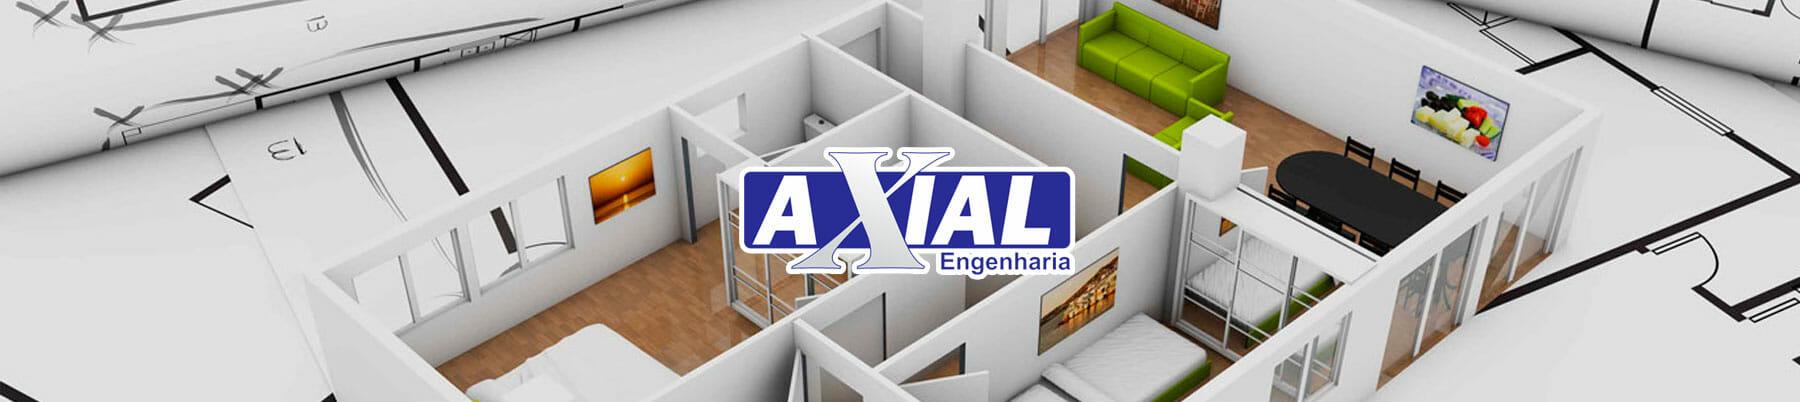 Axial Engenharia